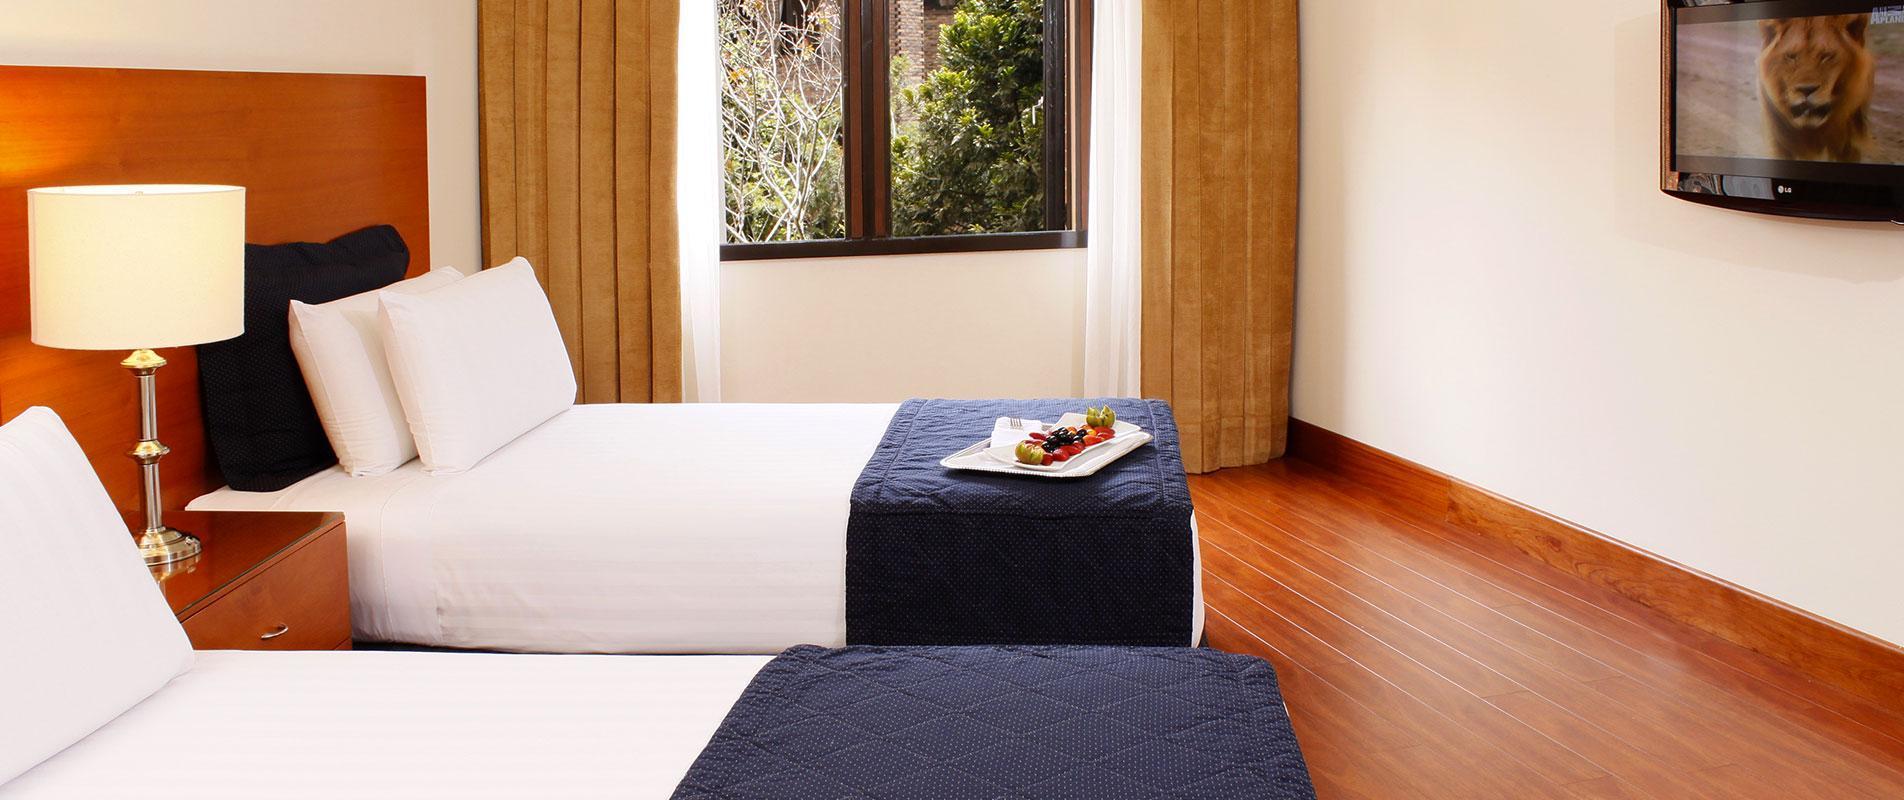 Habitaciones-Aptos-Bogota